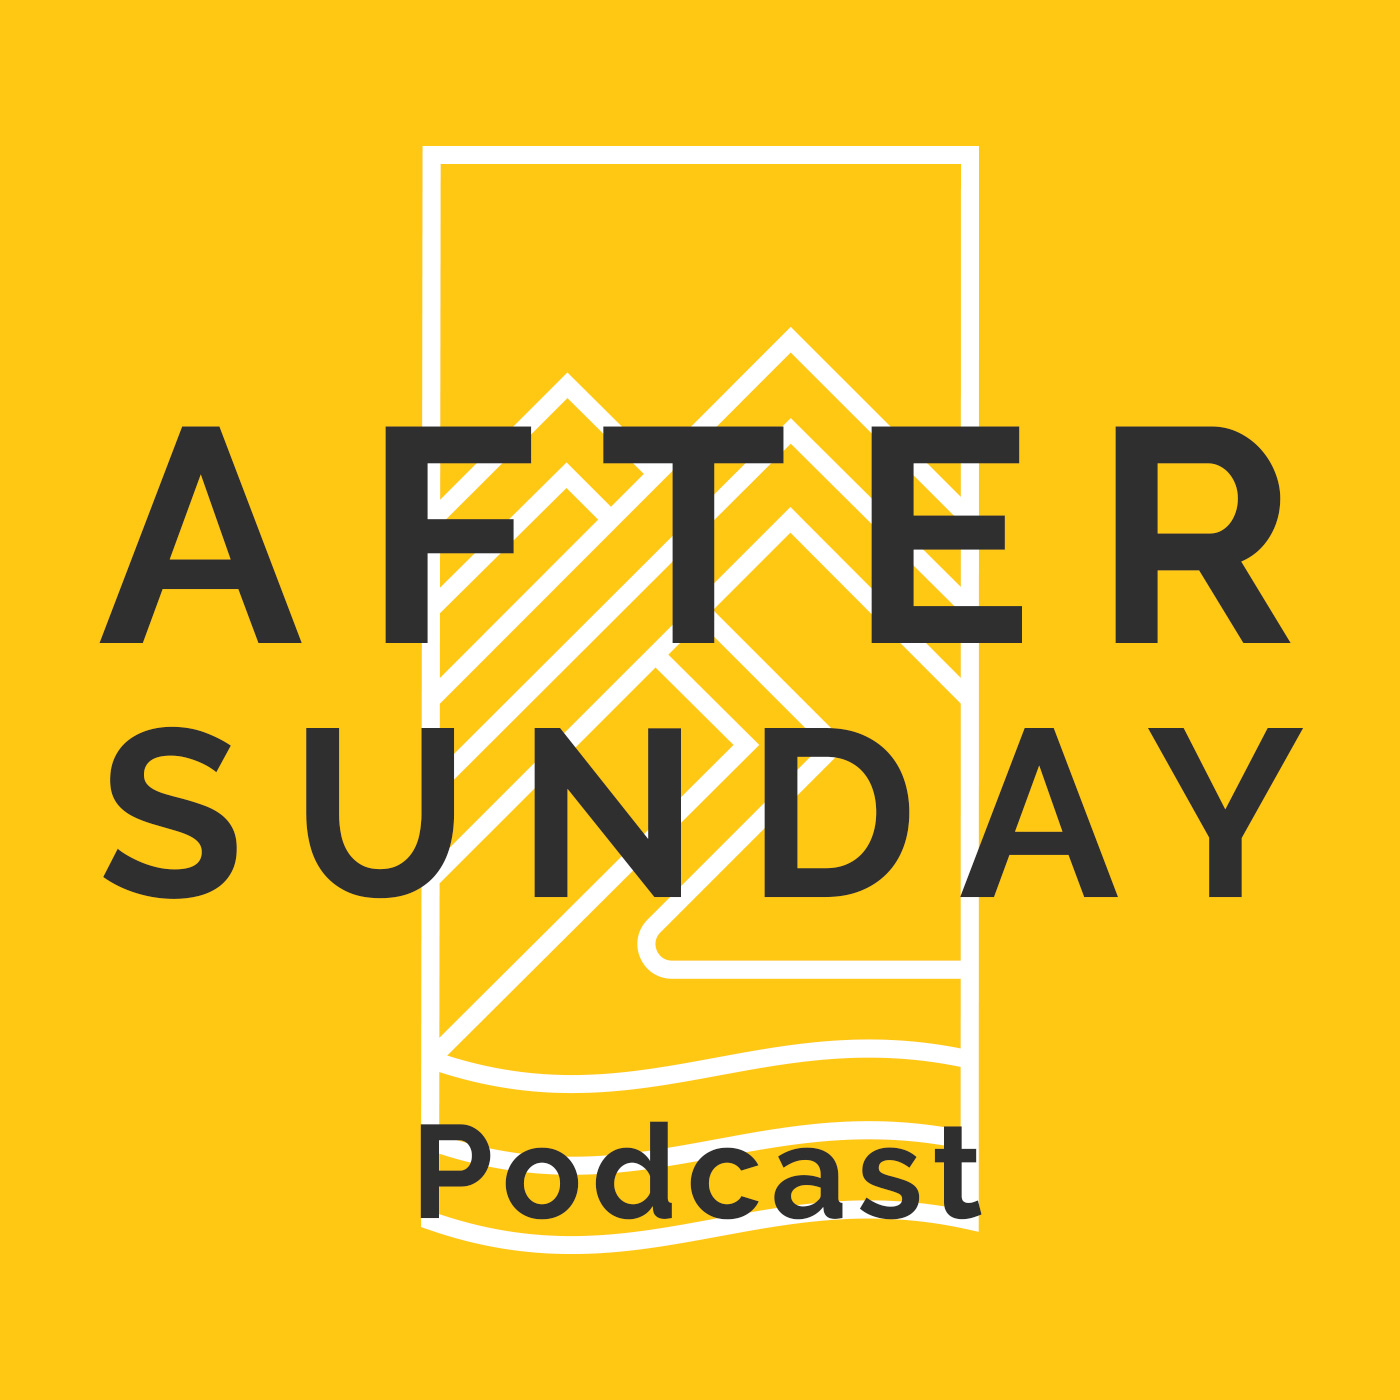 After-Sunday-podcast.jpg